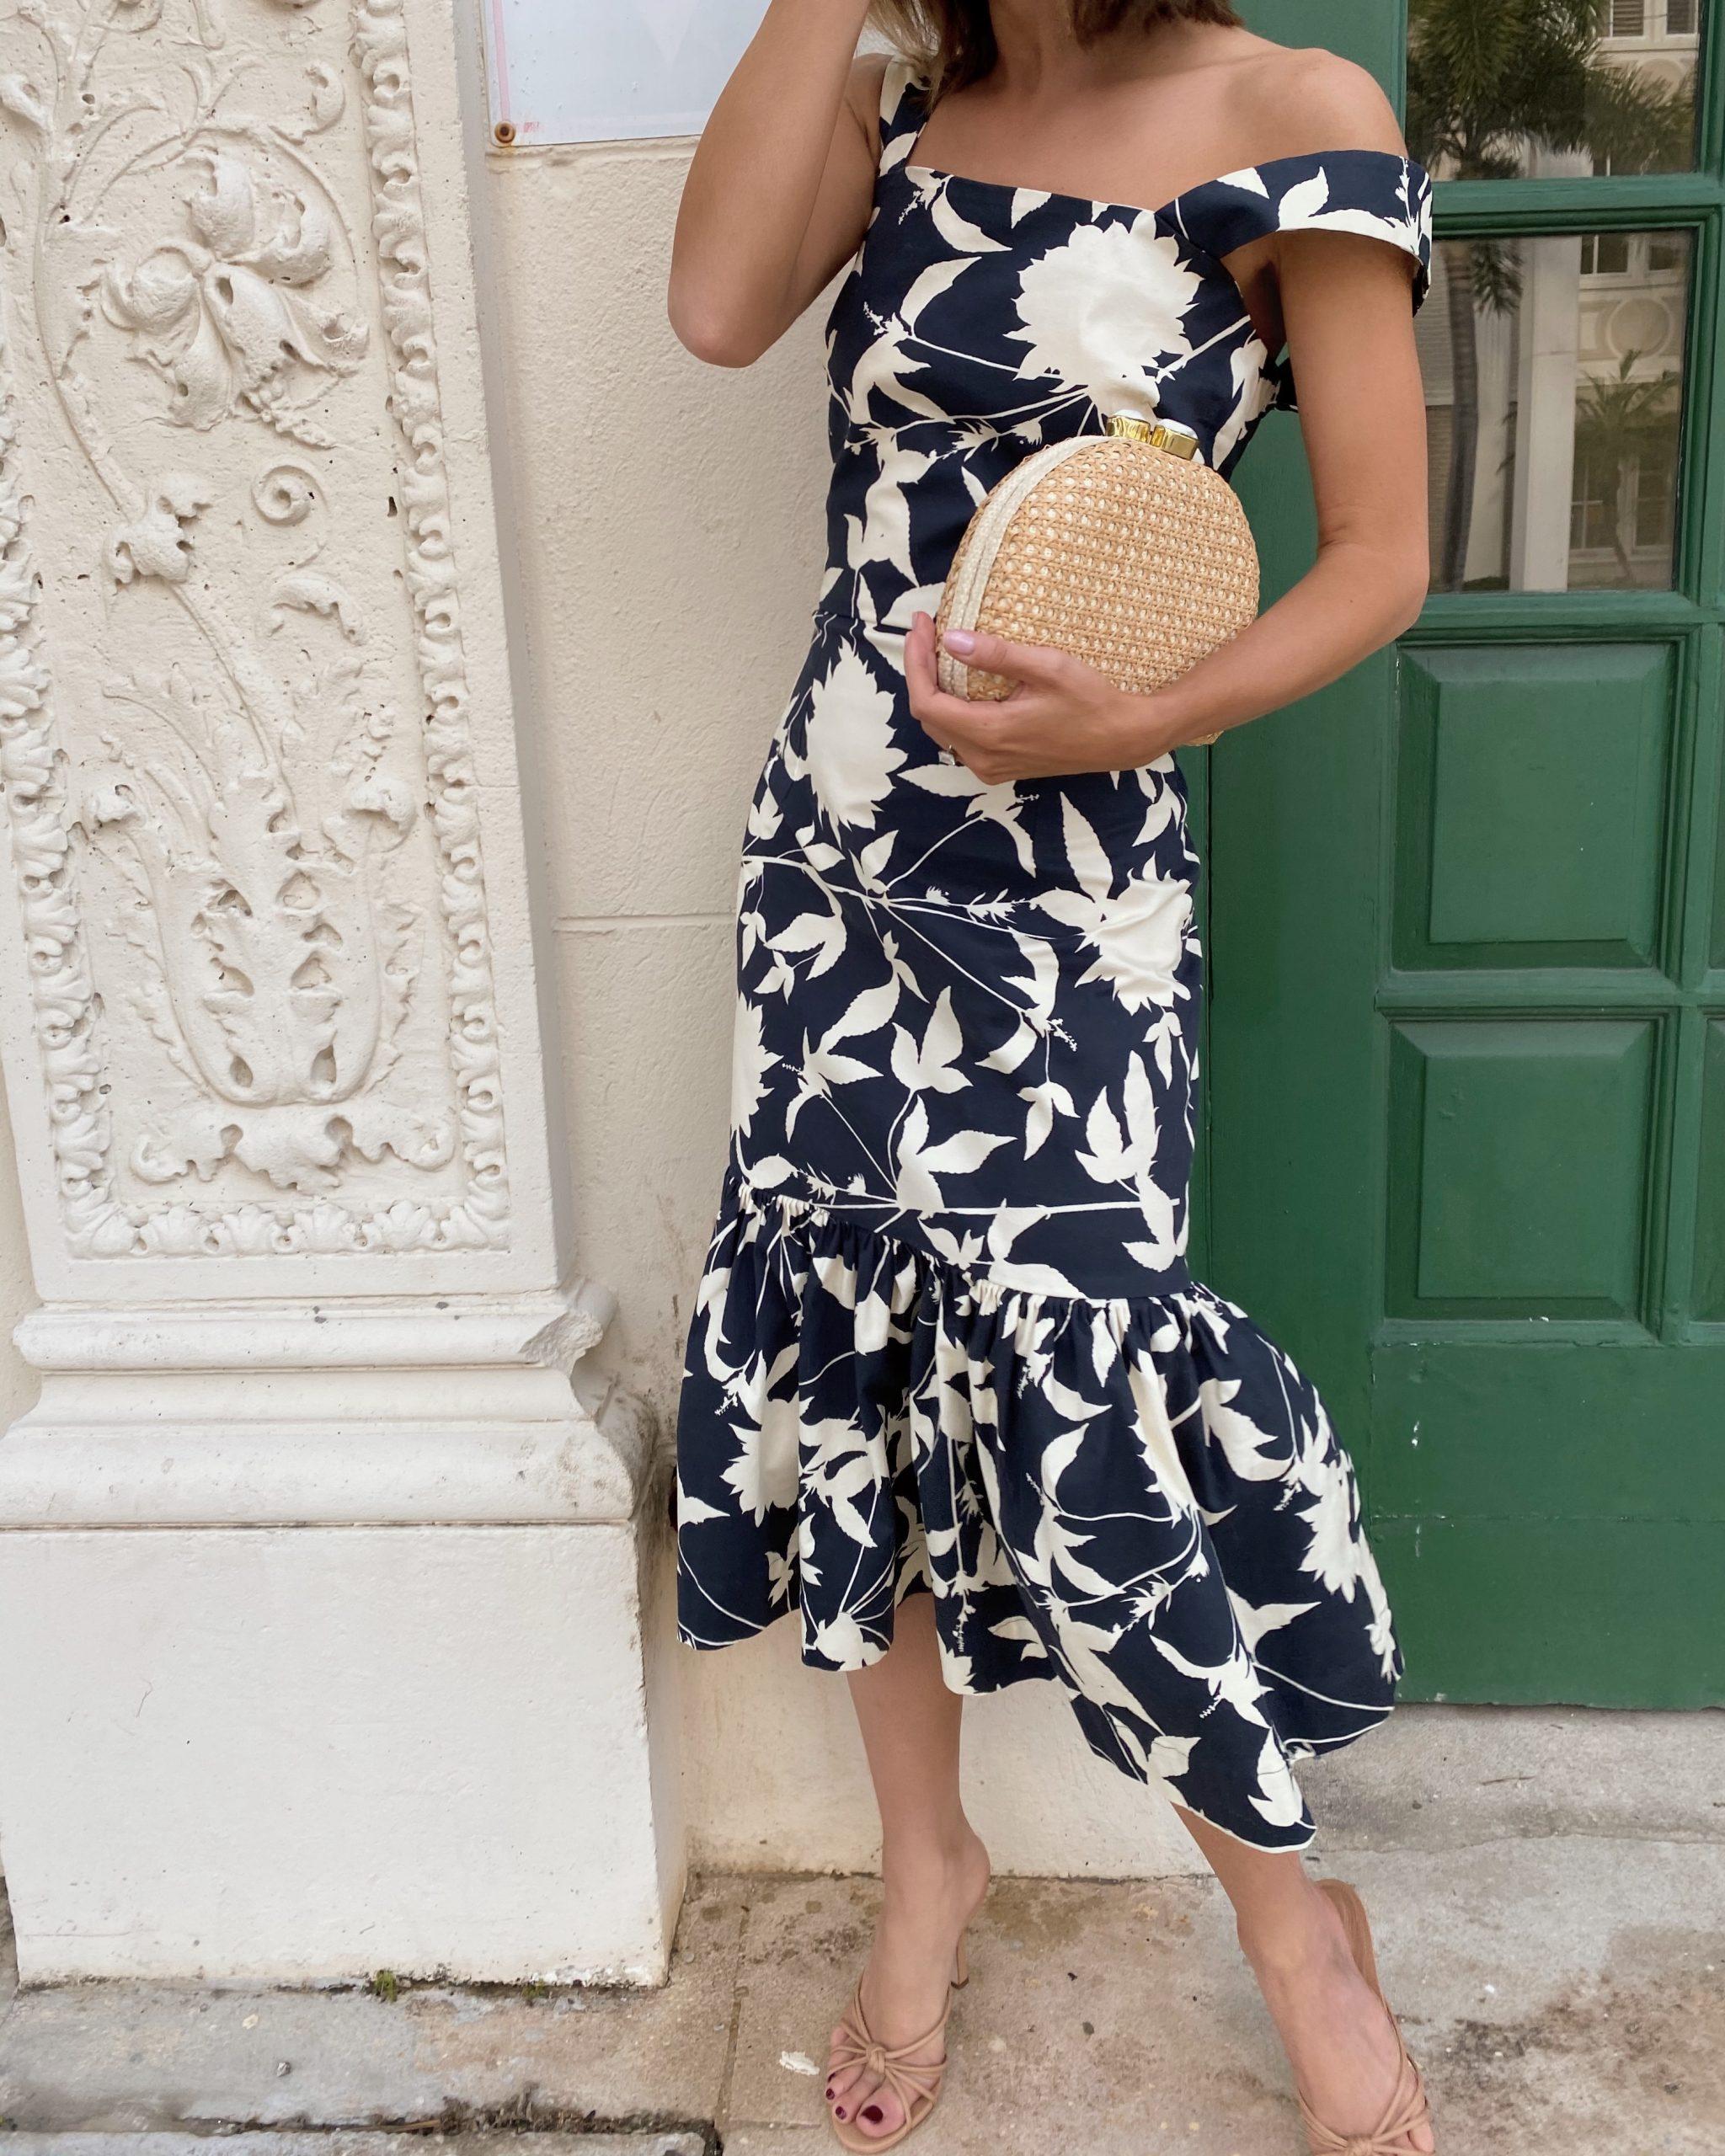 Stephanie Hill wears #ootd featuring Oscar de la Renta dress on The Style Bungalow